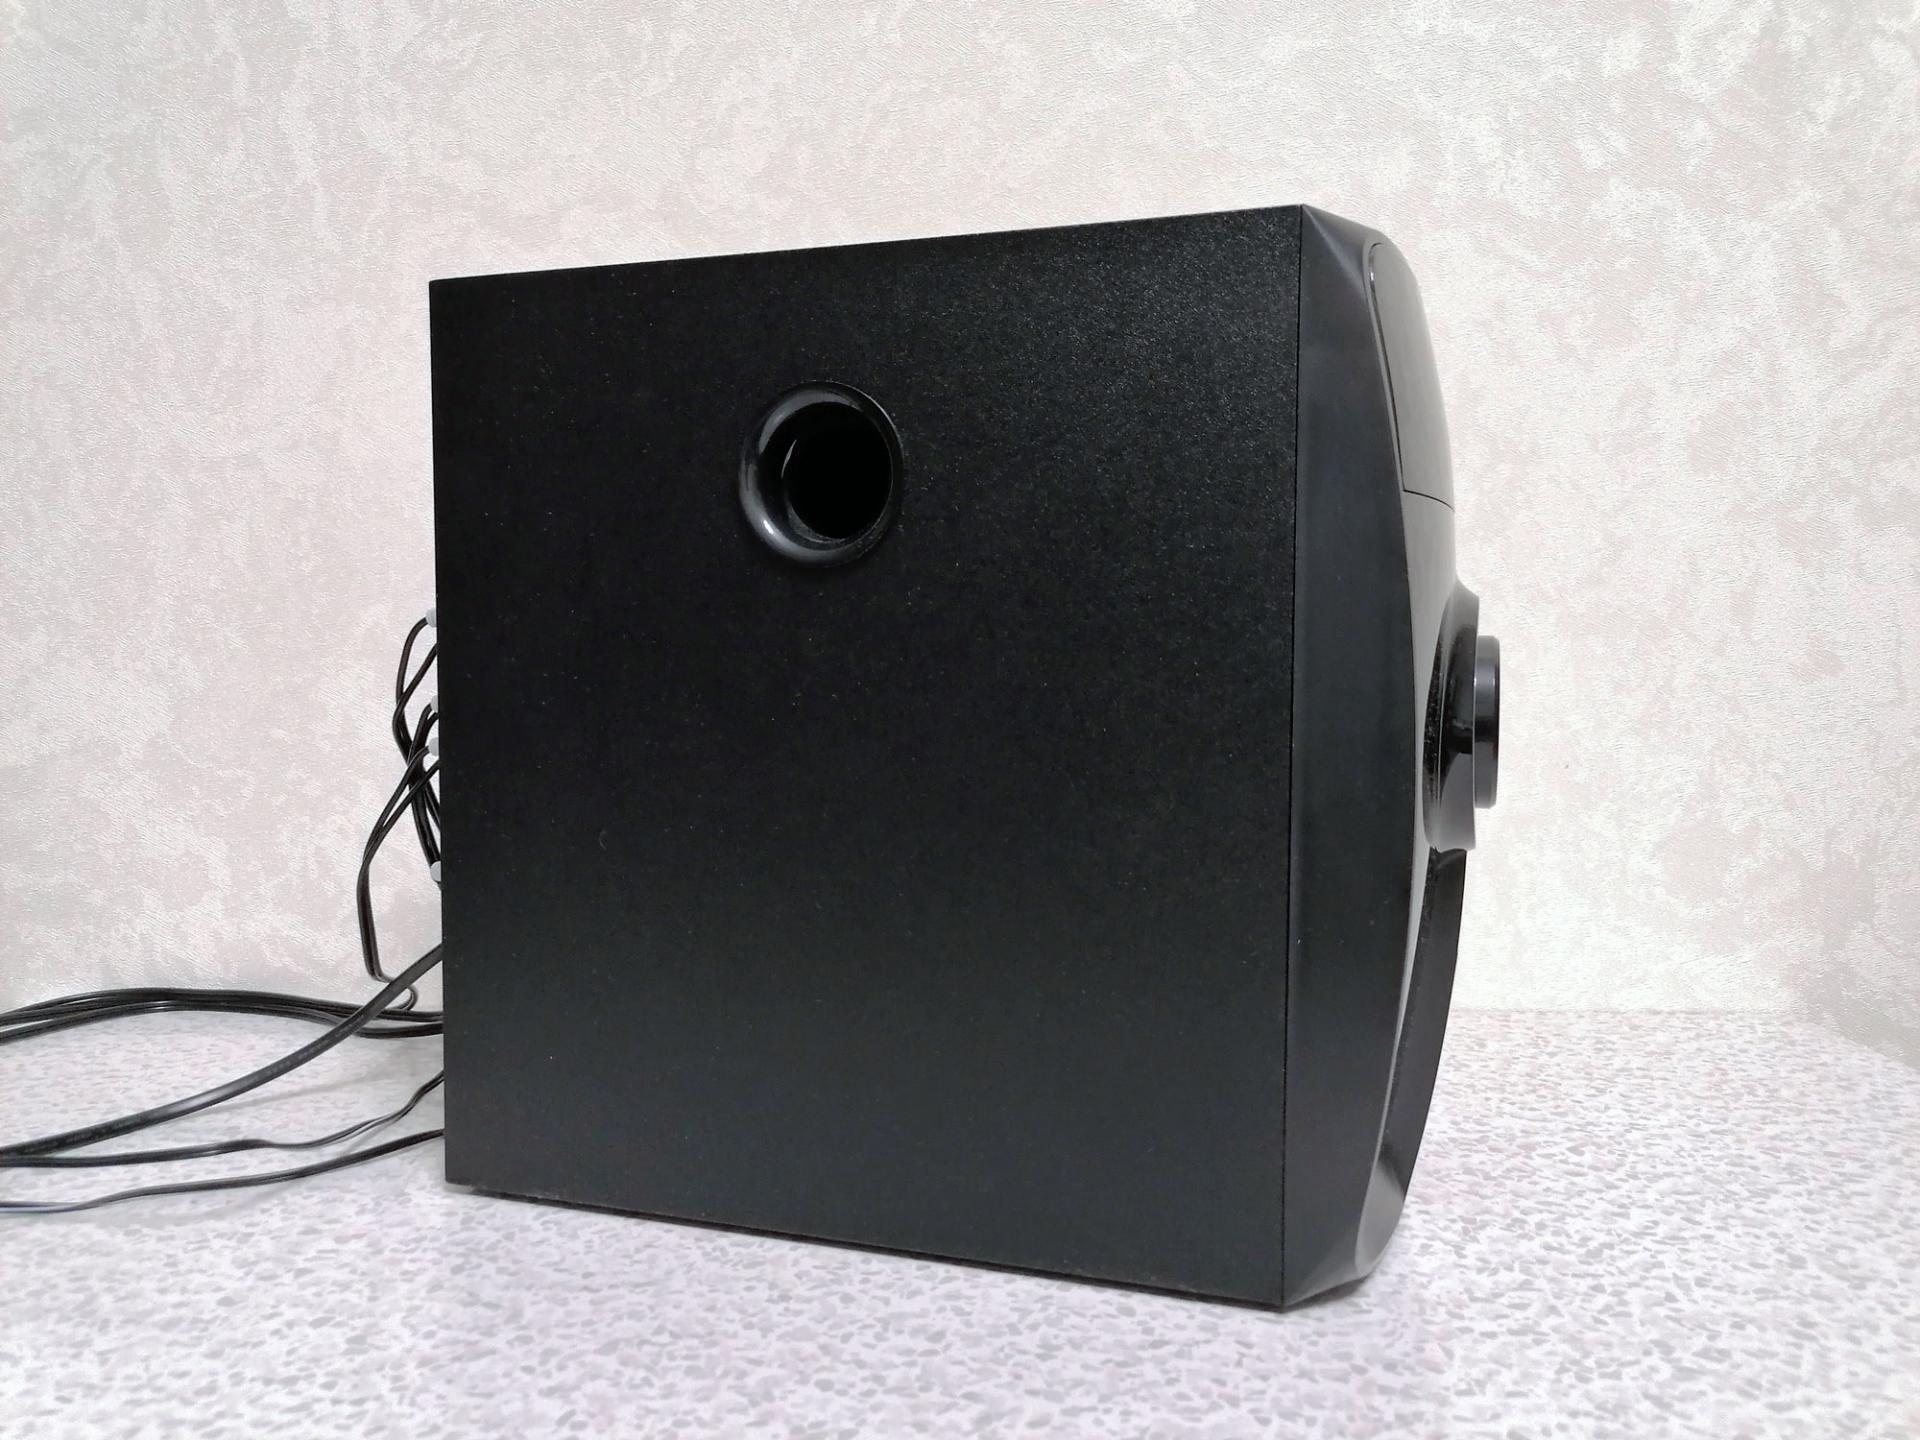 Обзор акустической системы 5.1 SVEN HT-202